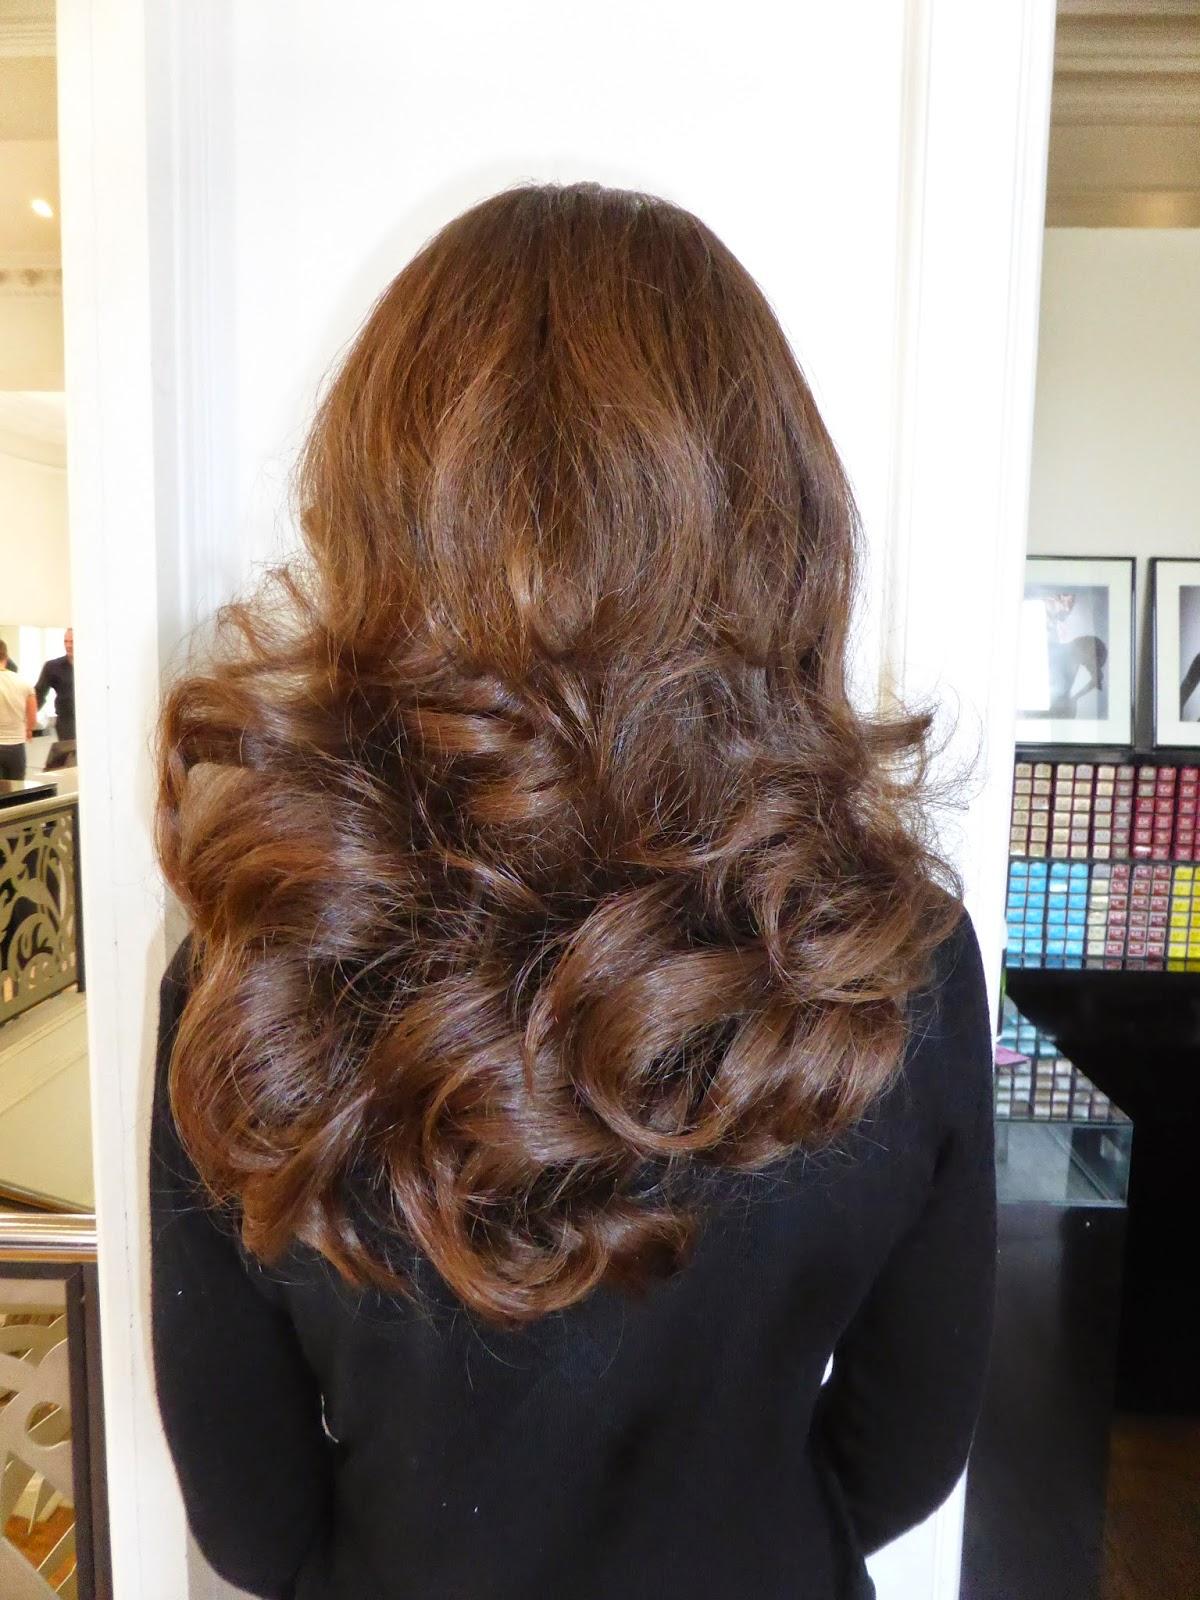 Un coiffage glamour, sensuel, un coiffage qui tient et permet  d'arborer de superbes mouvements sur les longueurs, afficher un volume à faire pâlir nombreuses d'entre vous.